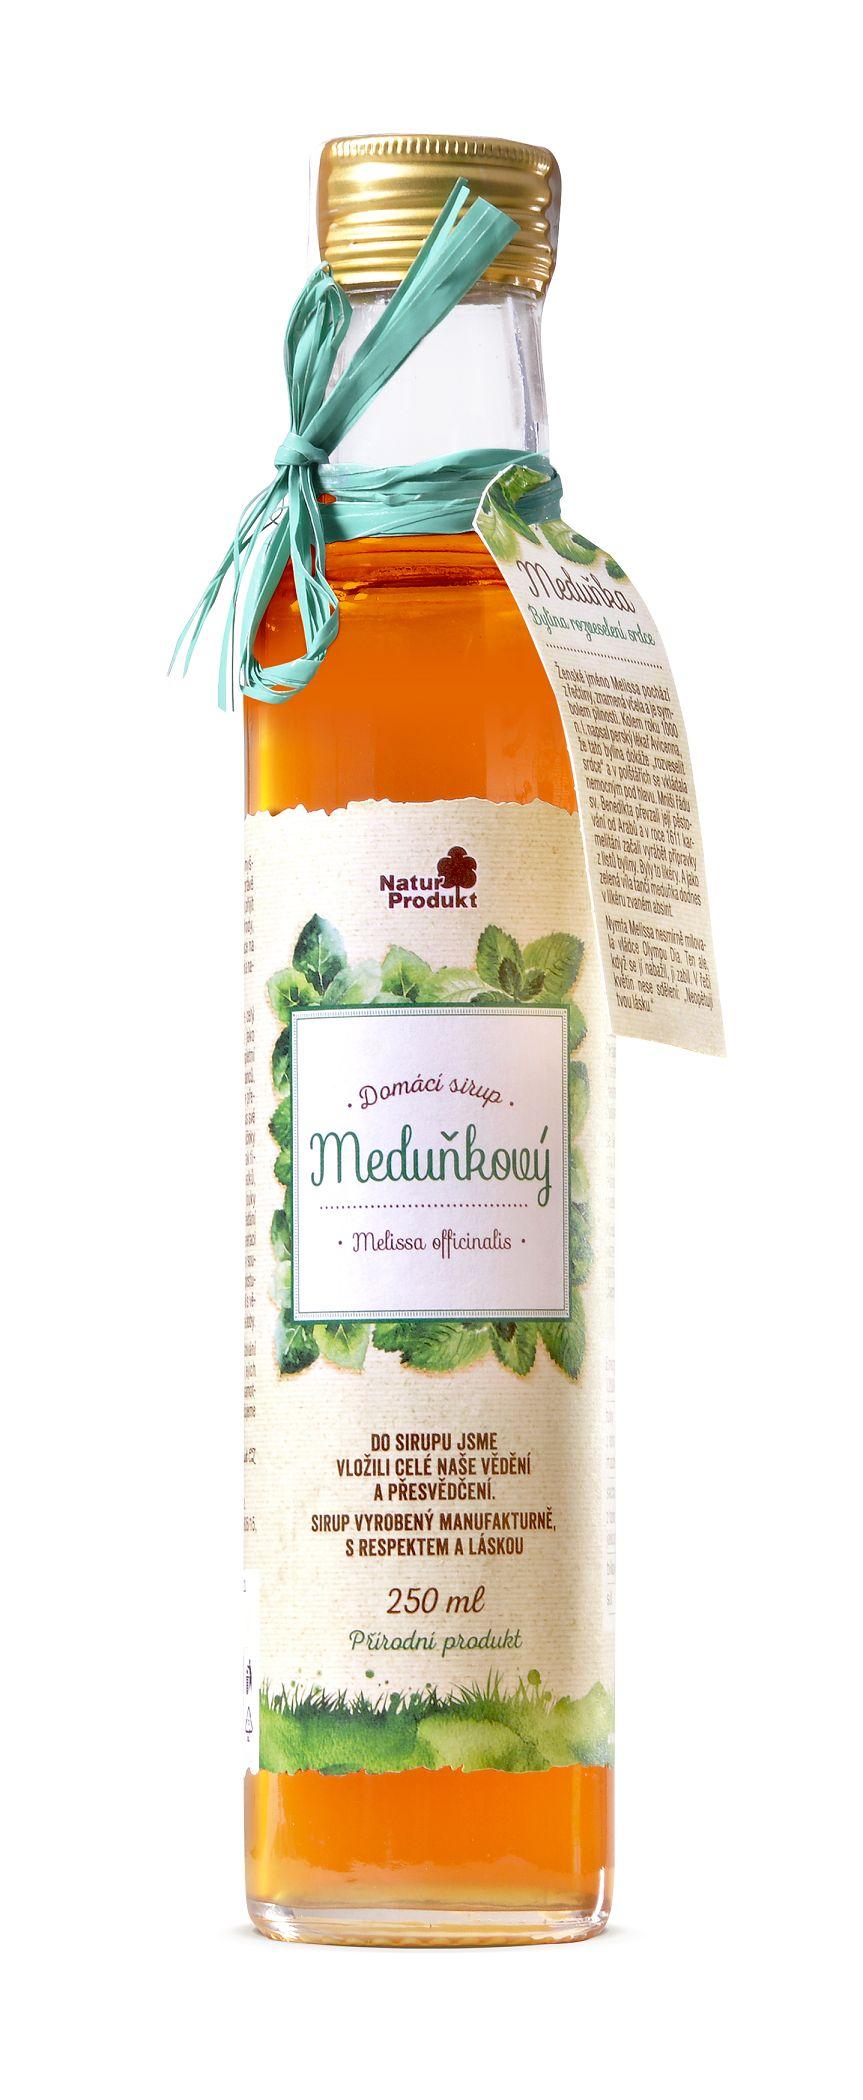 Naturprodukt Sirup meduňkový 250 ml